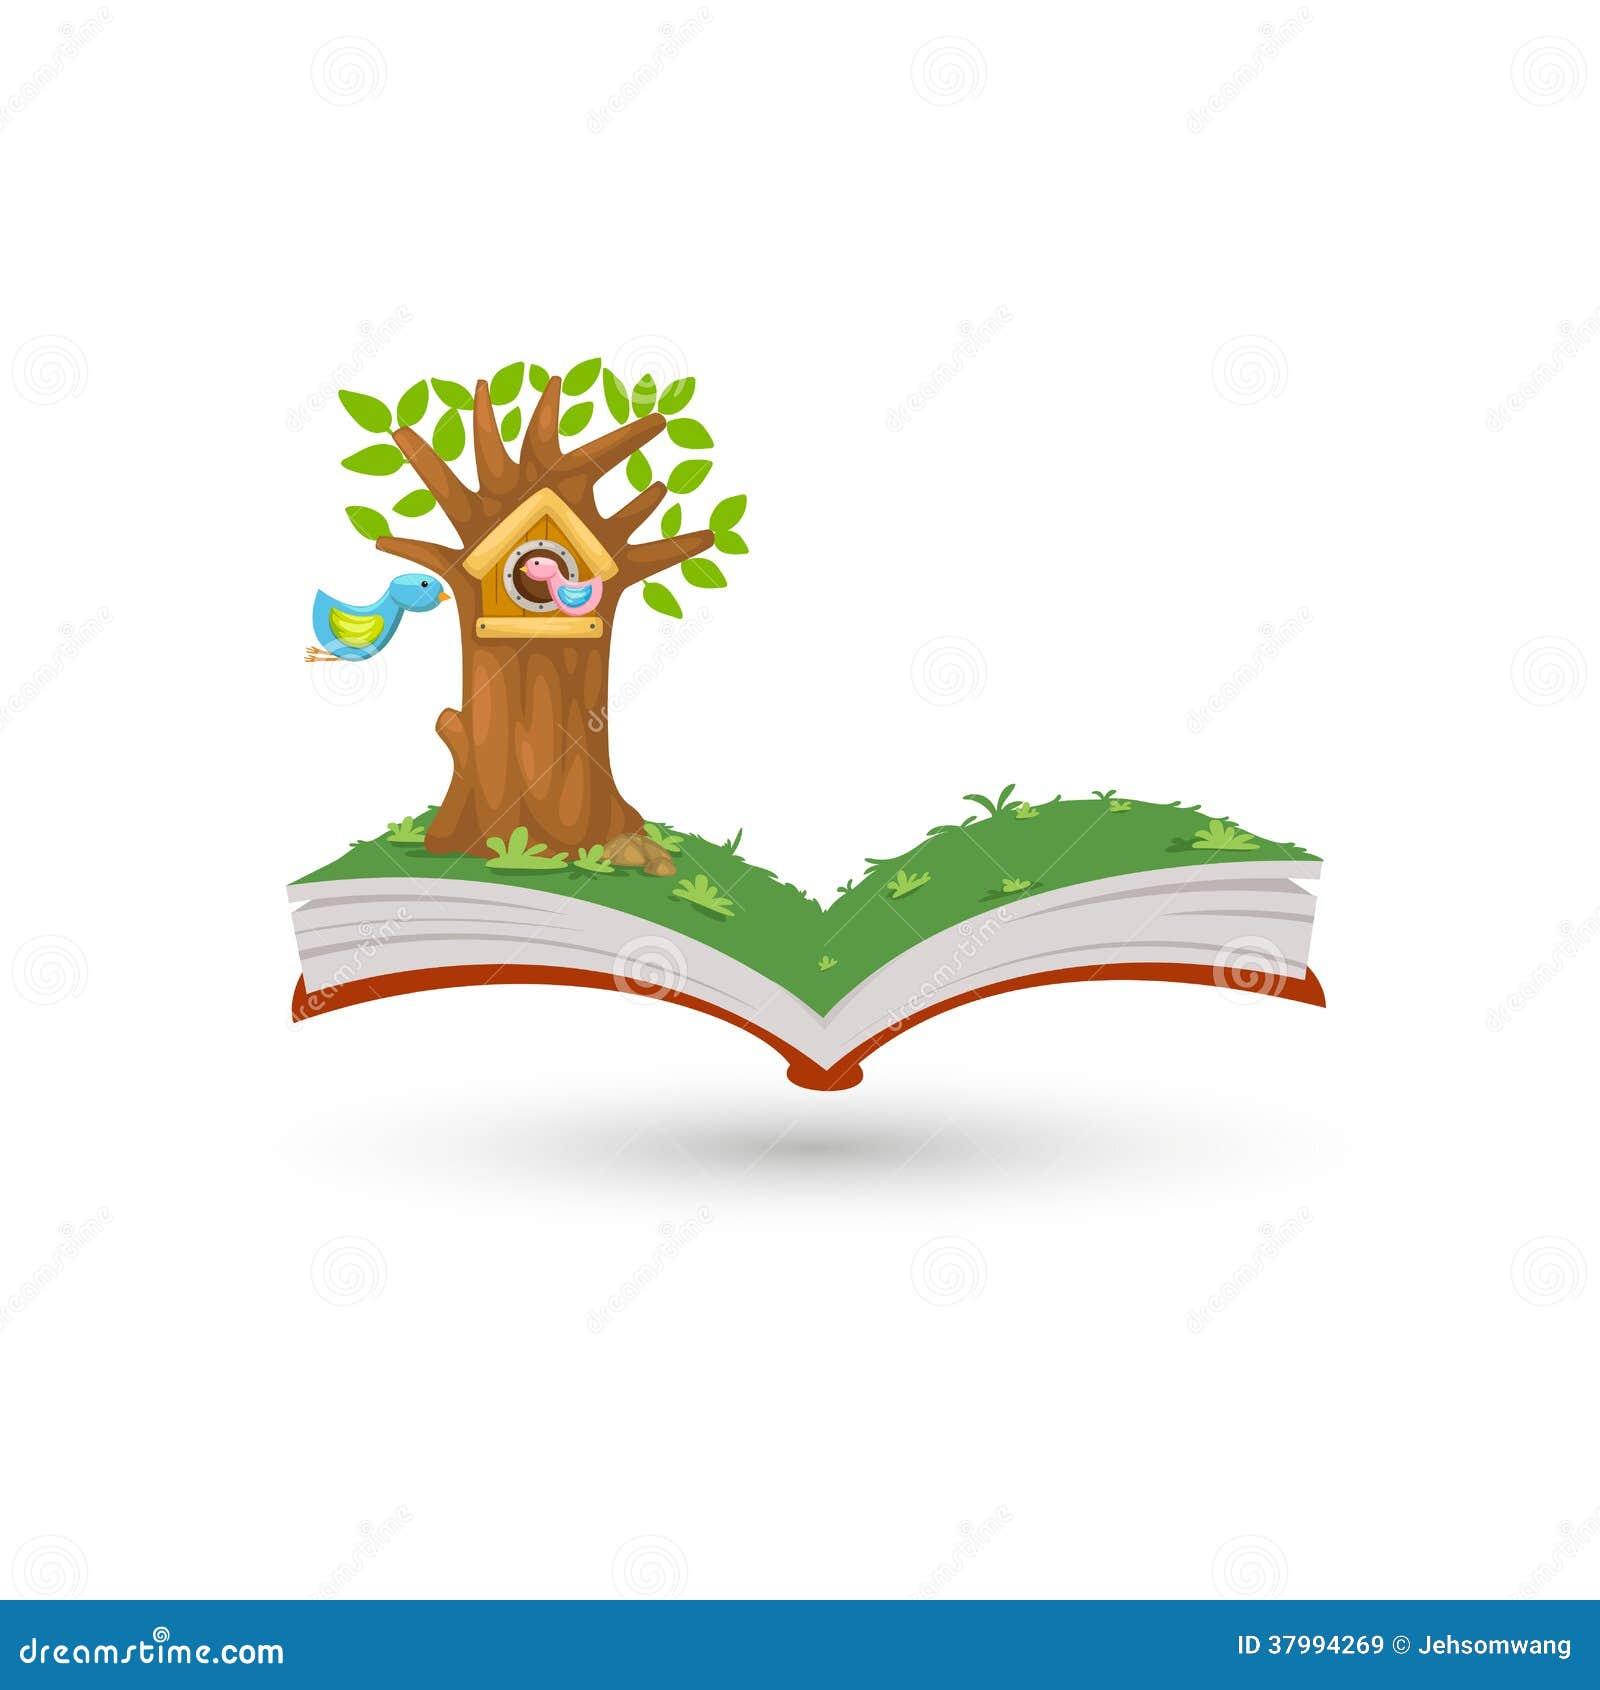 Open book in bird house royalty free stock images image - Casa del libro rivas ...